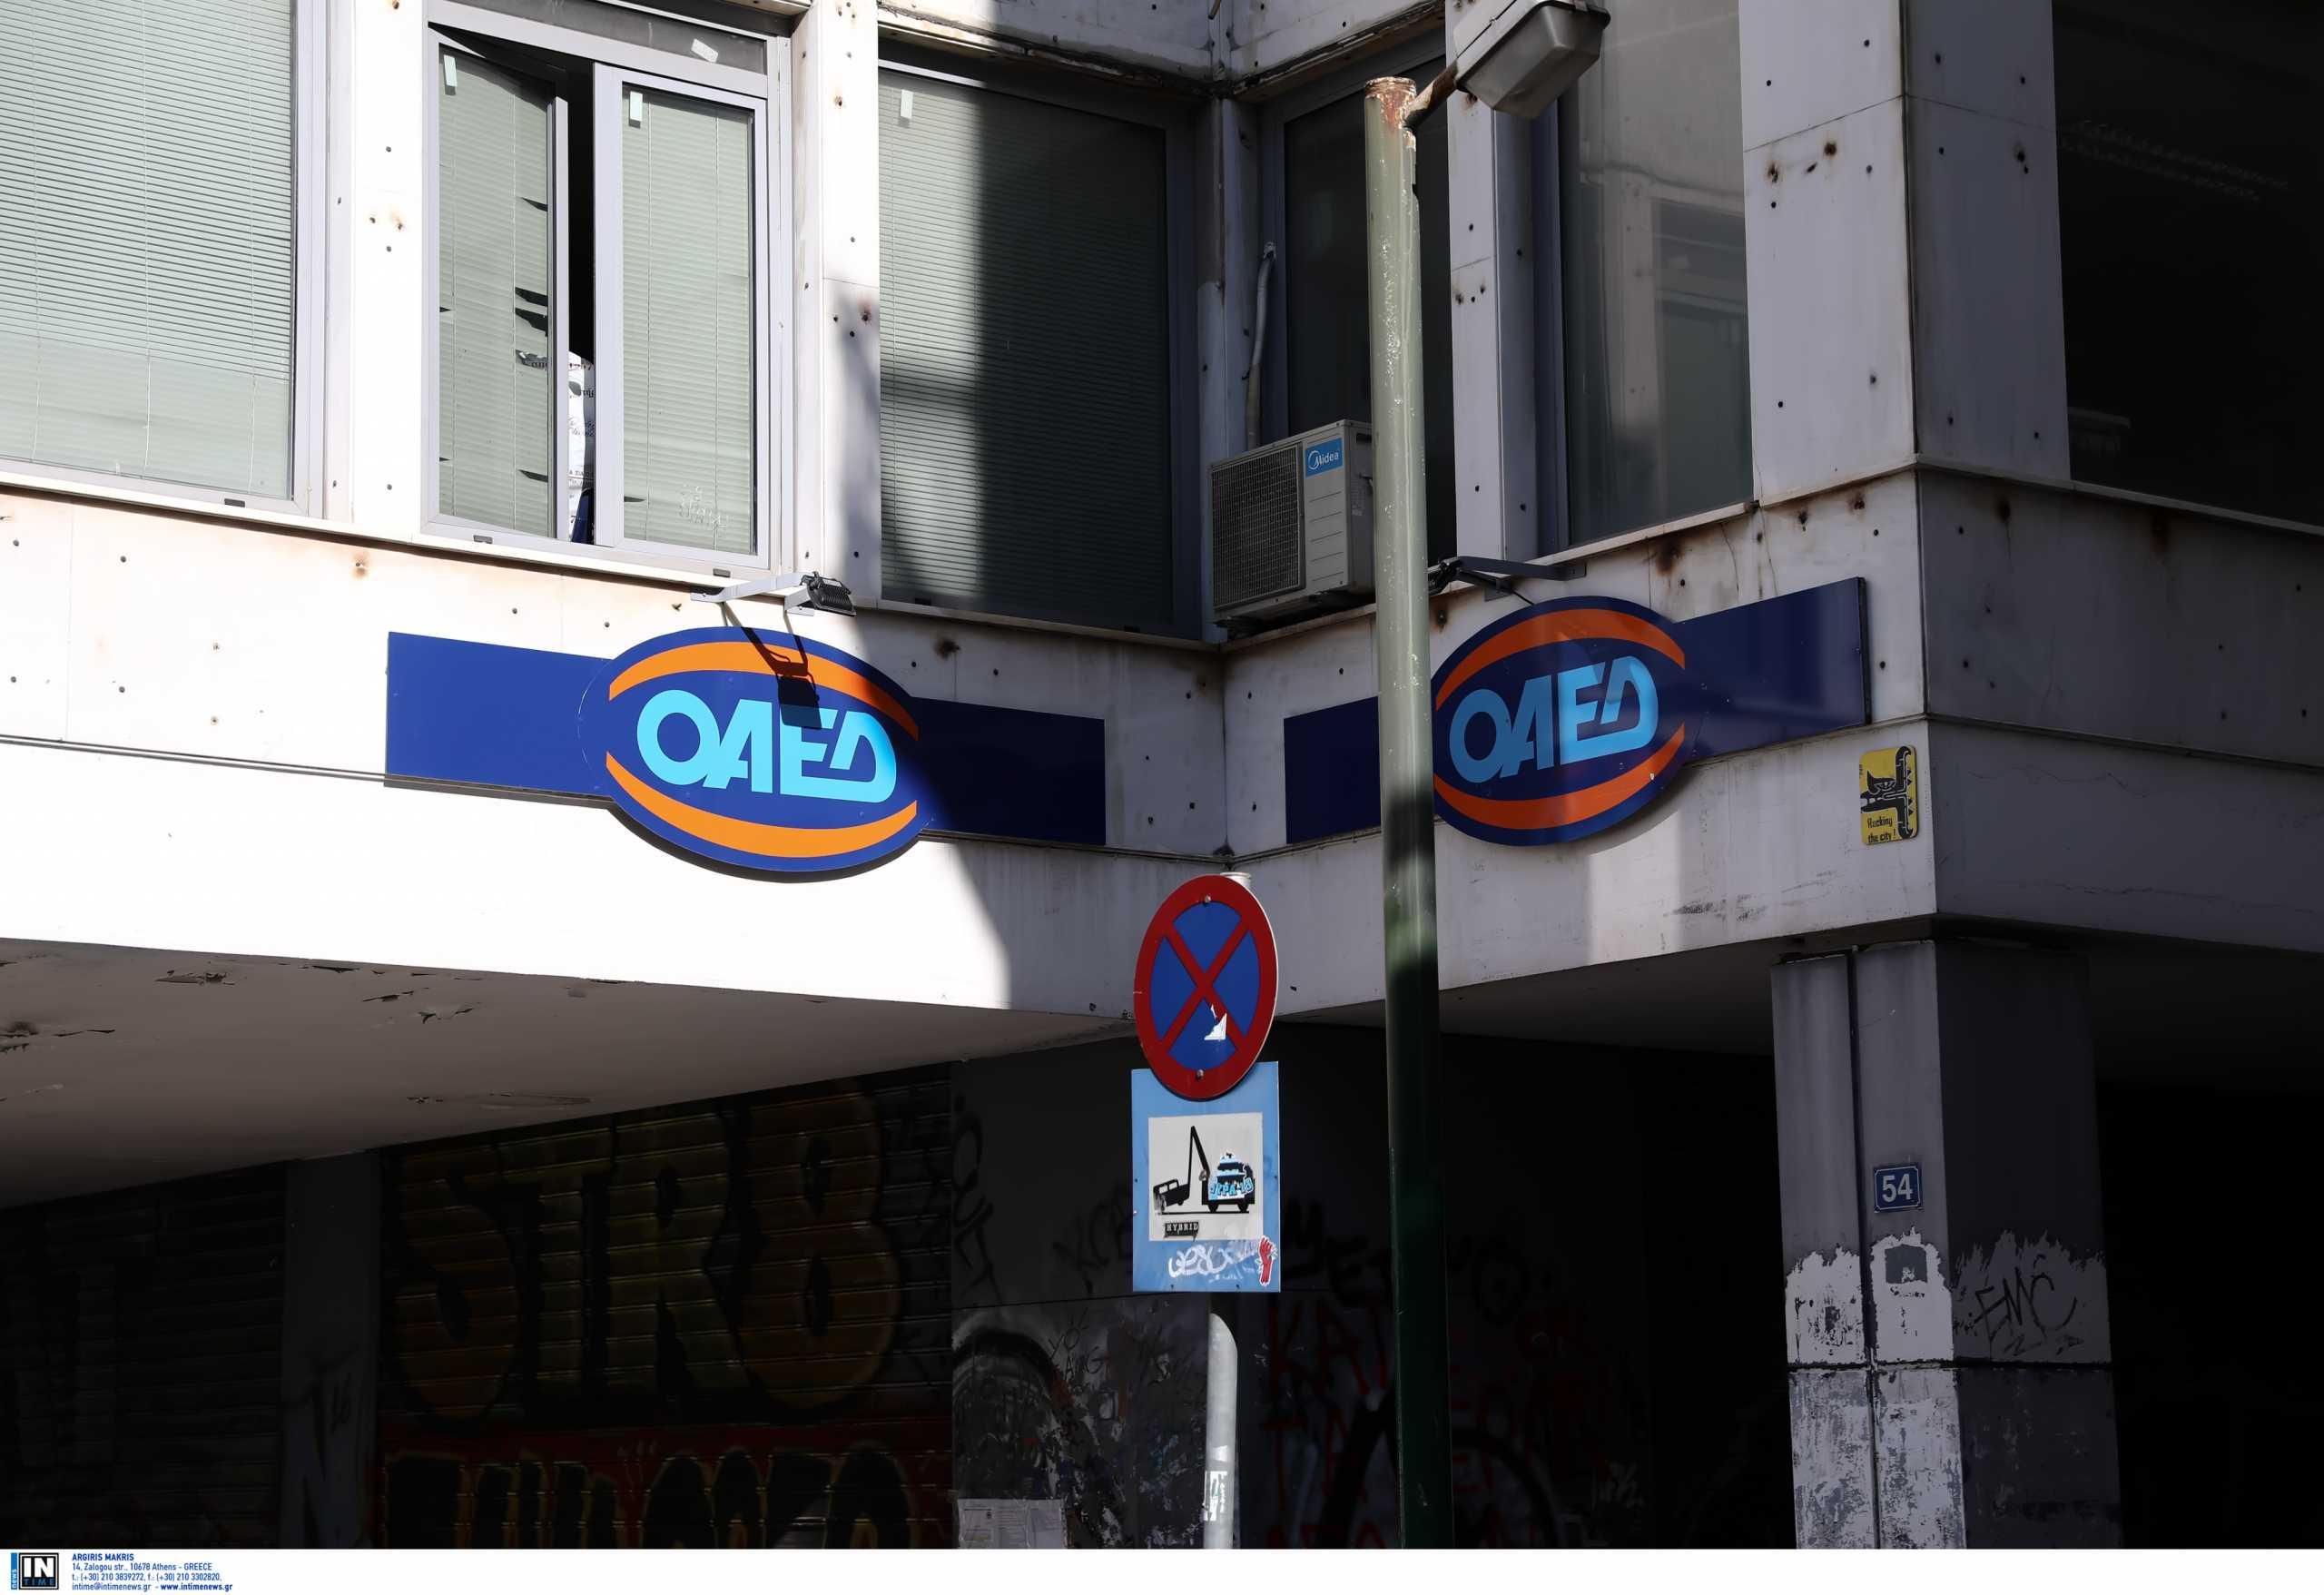 ΟΑΕΔ – έκτακτη αποζημίωση: Πότε κλείνουν οι αιτήσεις για εποχικά εργαζομένους στον τουρισμό